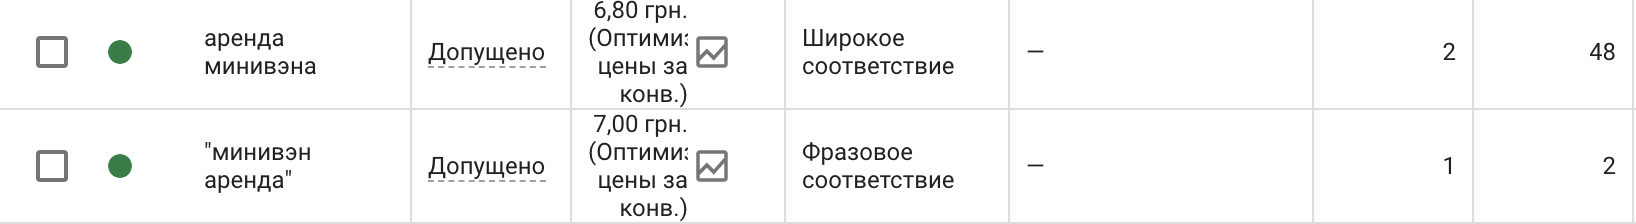 6093a40ba9a32342516022.png